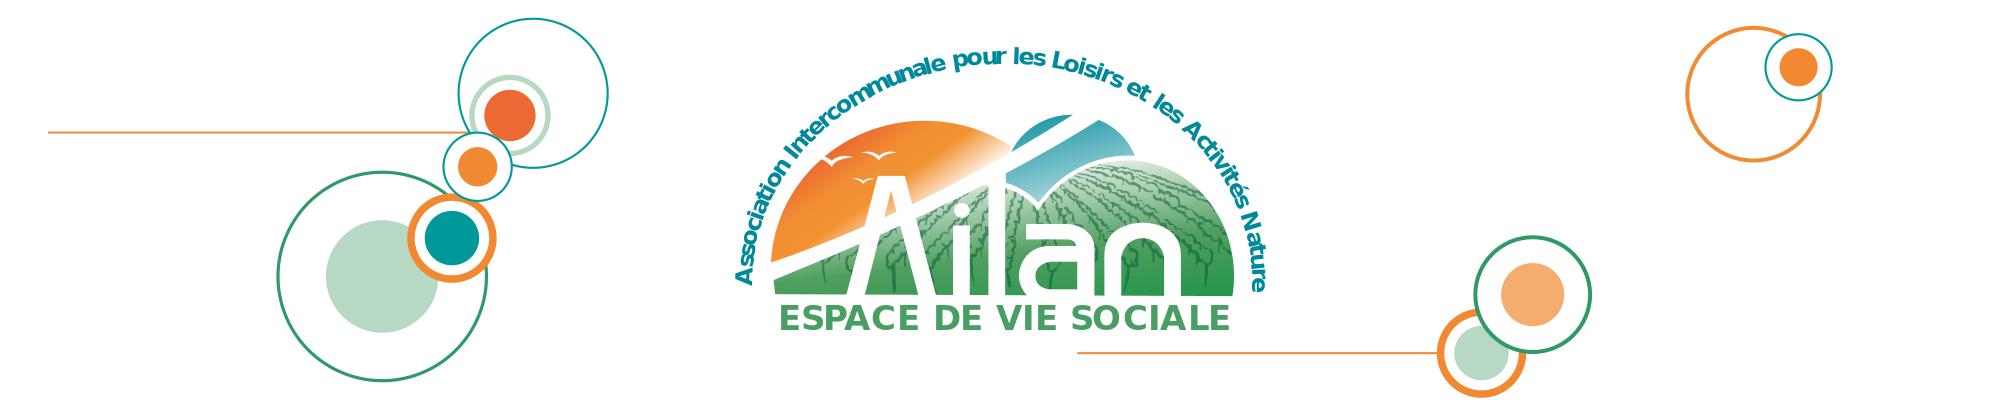 Association intercommunale pour les loisirs et les activités nature